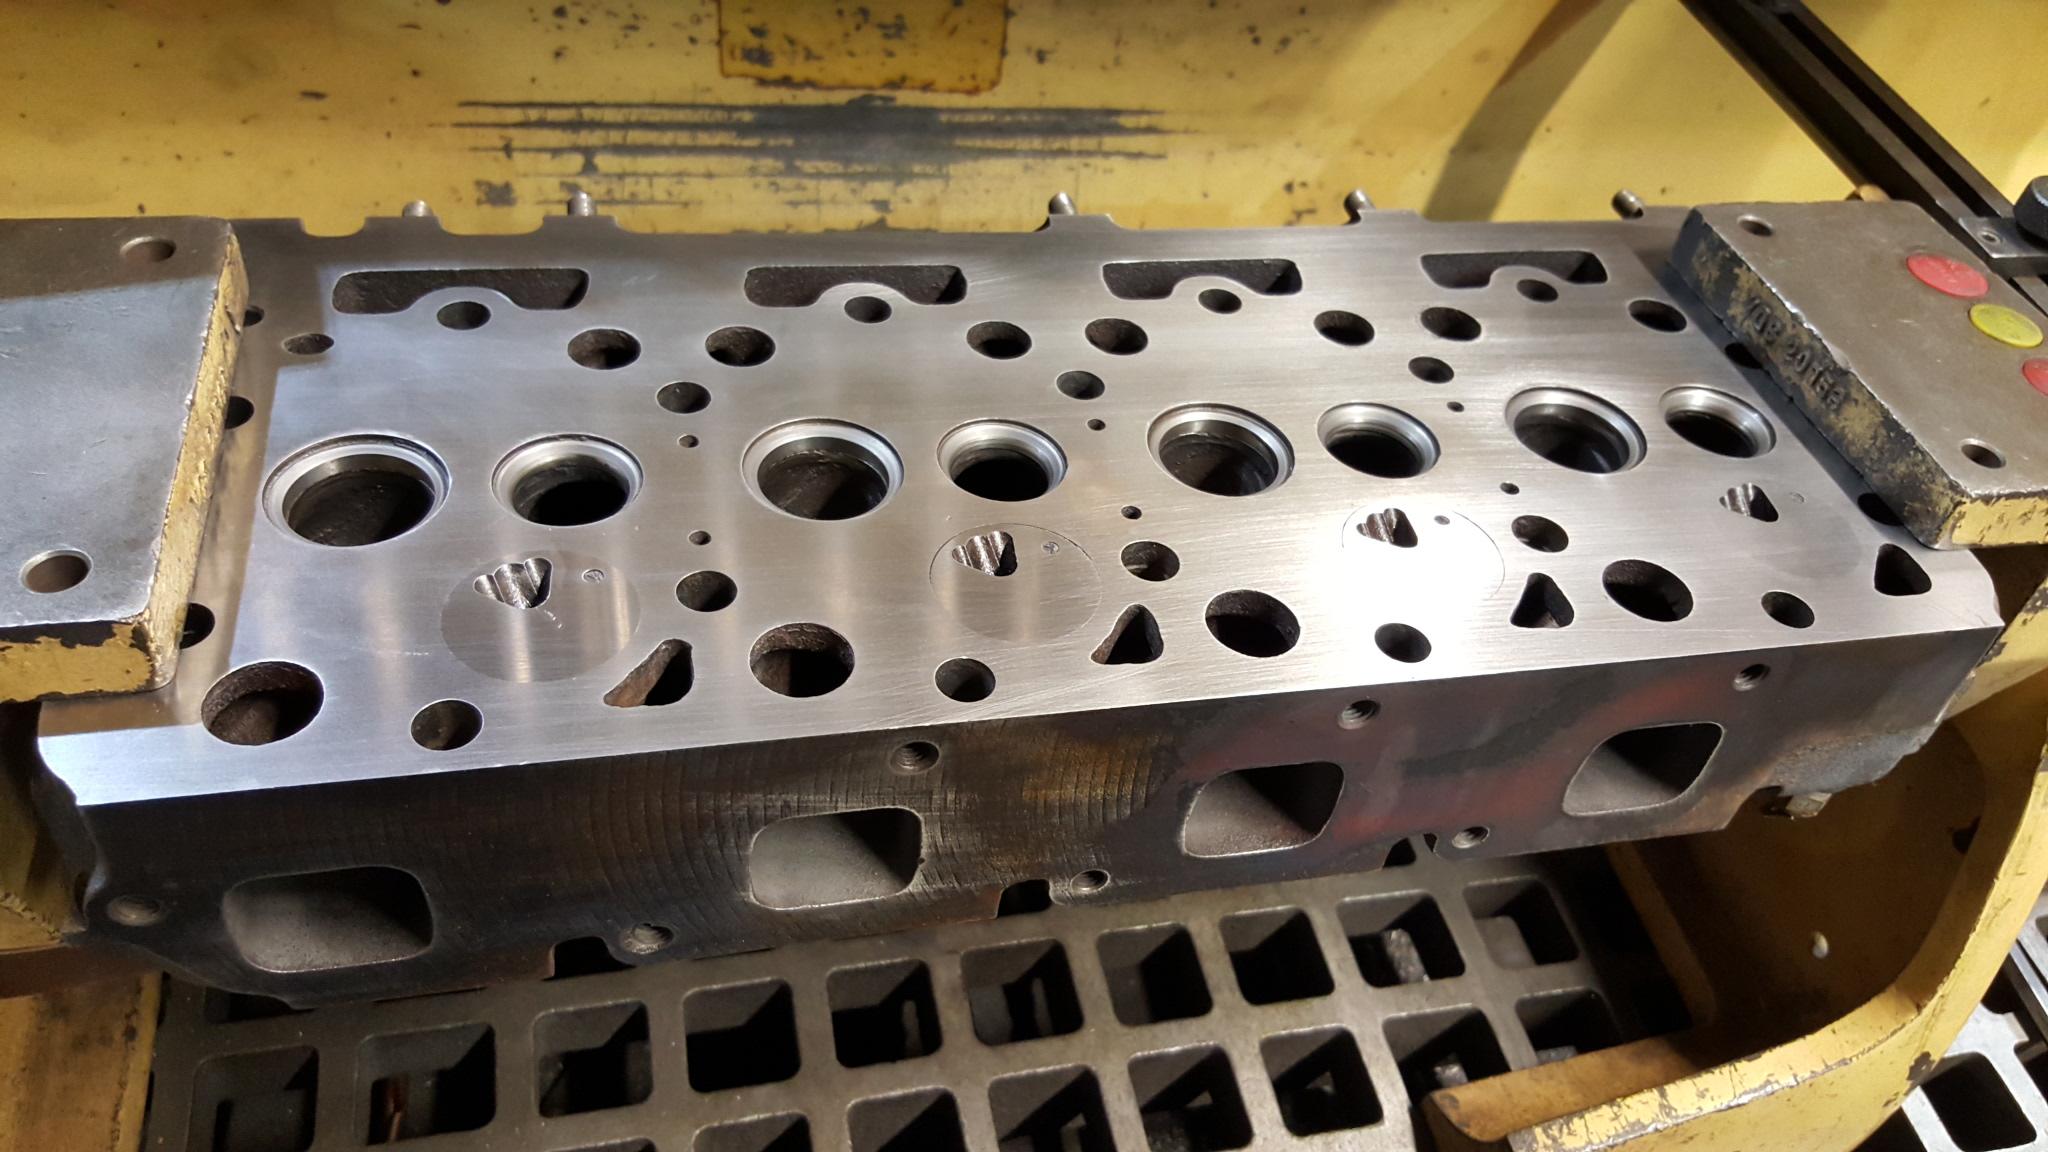 Kubota V2203 Four Cylinder Diesel Engine Block,Cylinder Head, And